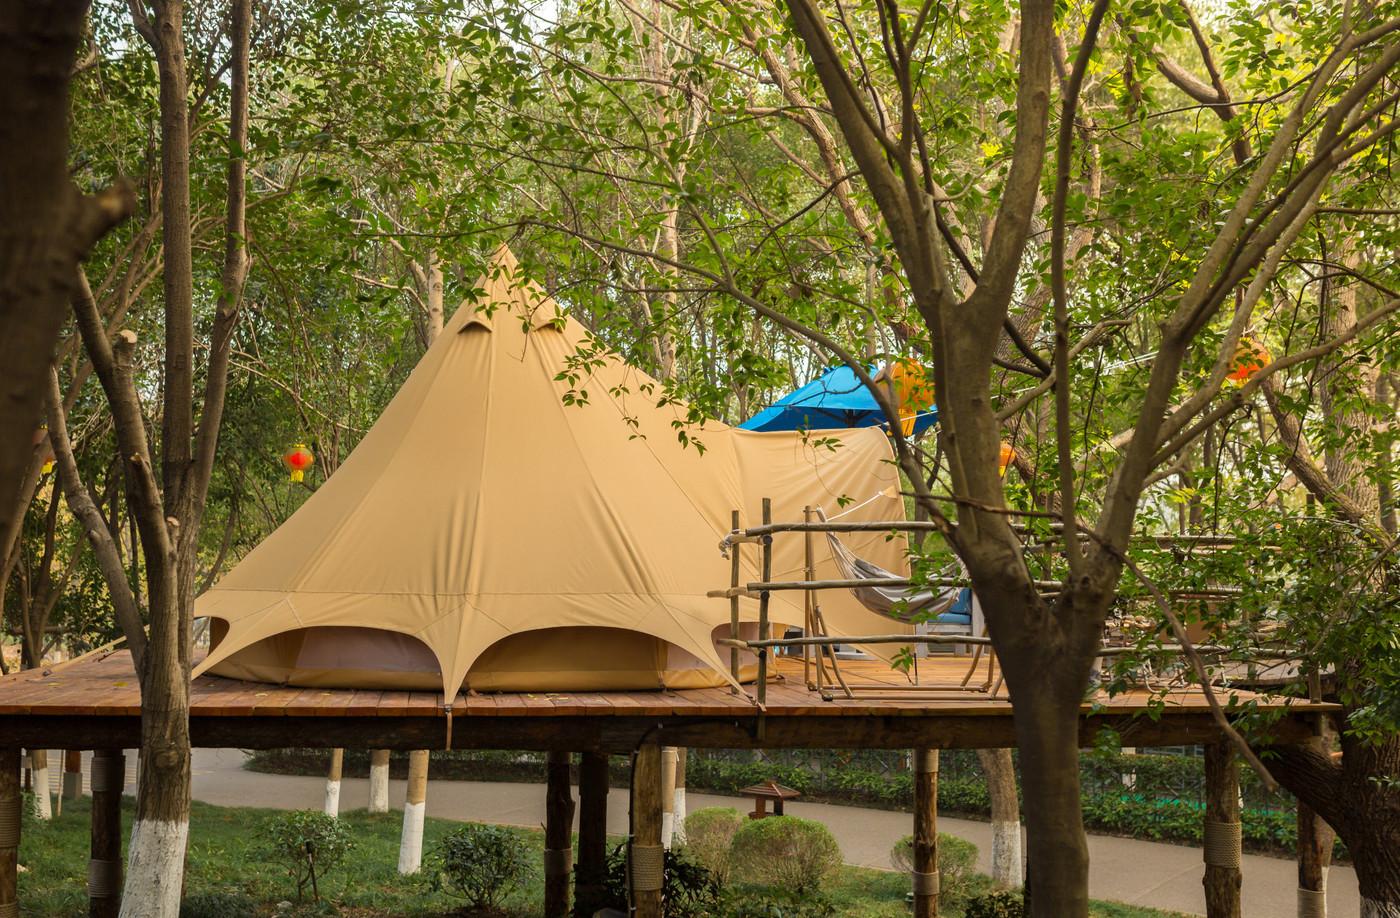 喜马拉雅野奢帐篷酒店—江苏常州天目湖树屋23